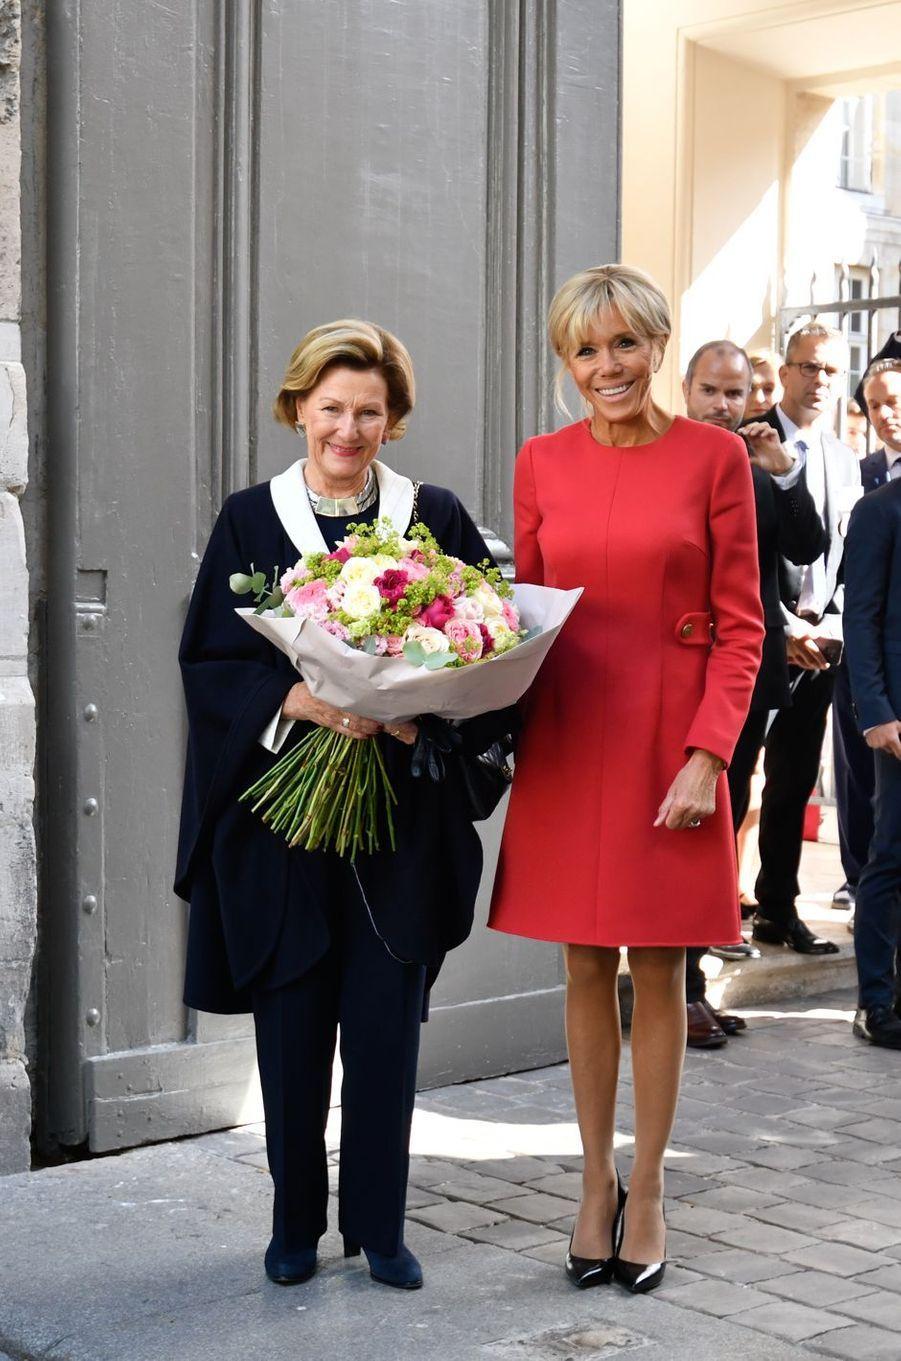 La reine Sonja de Norvège avec Brigitte Macron à Rouen, le 24 septembre 2018